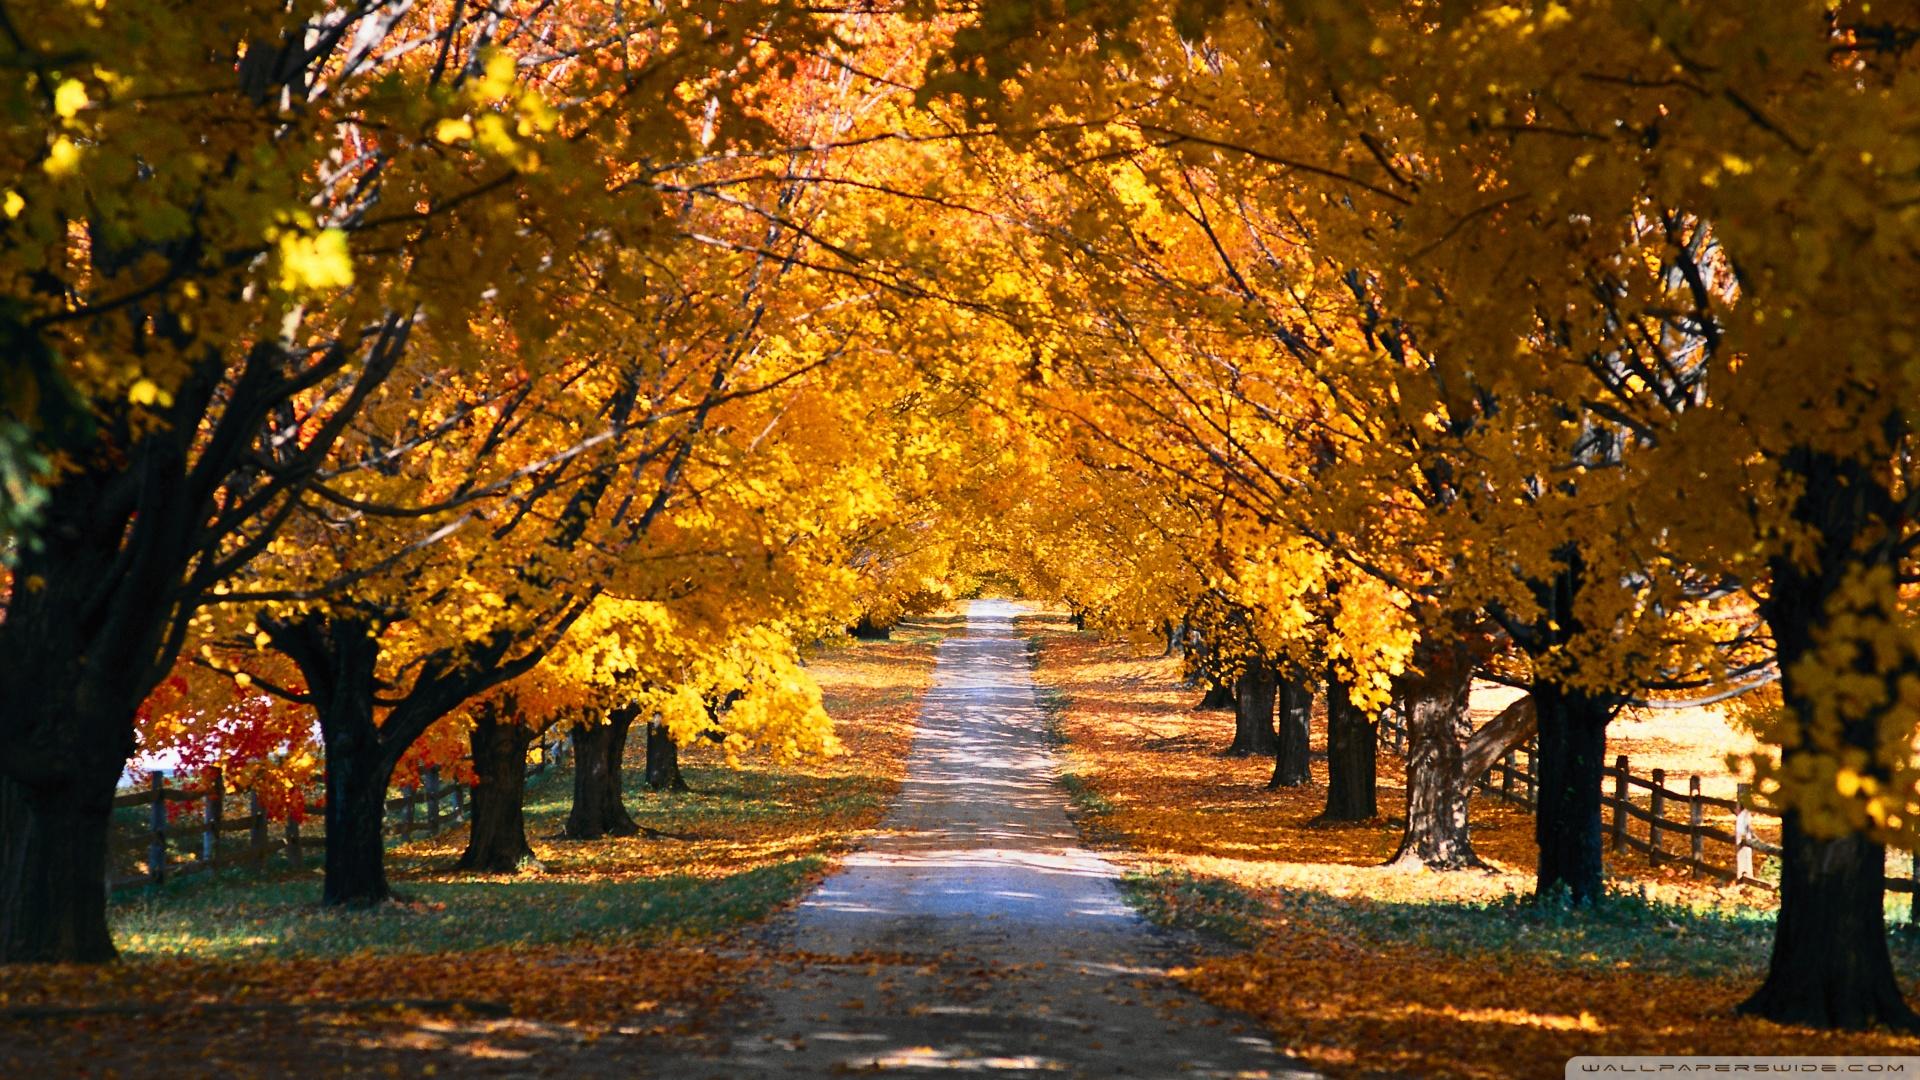 Fall scenes wallpaper and screensavers wallpapersafari - Pics of fall scenes ...